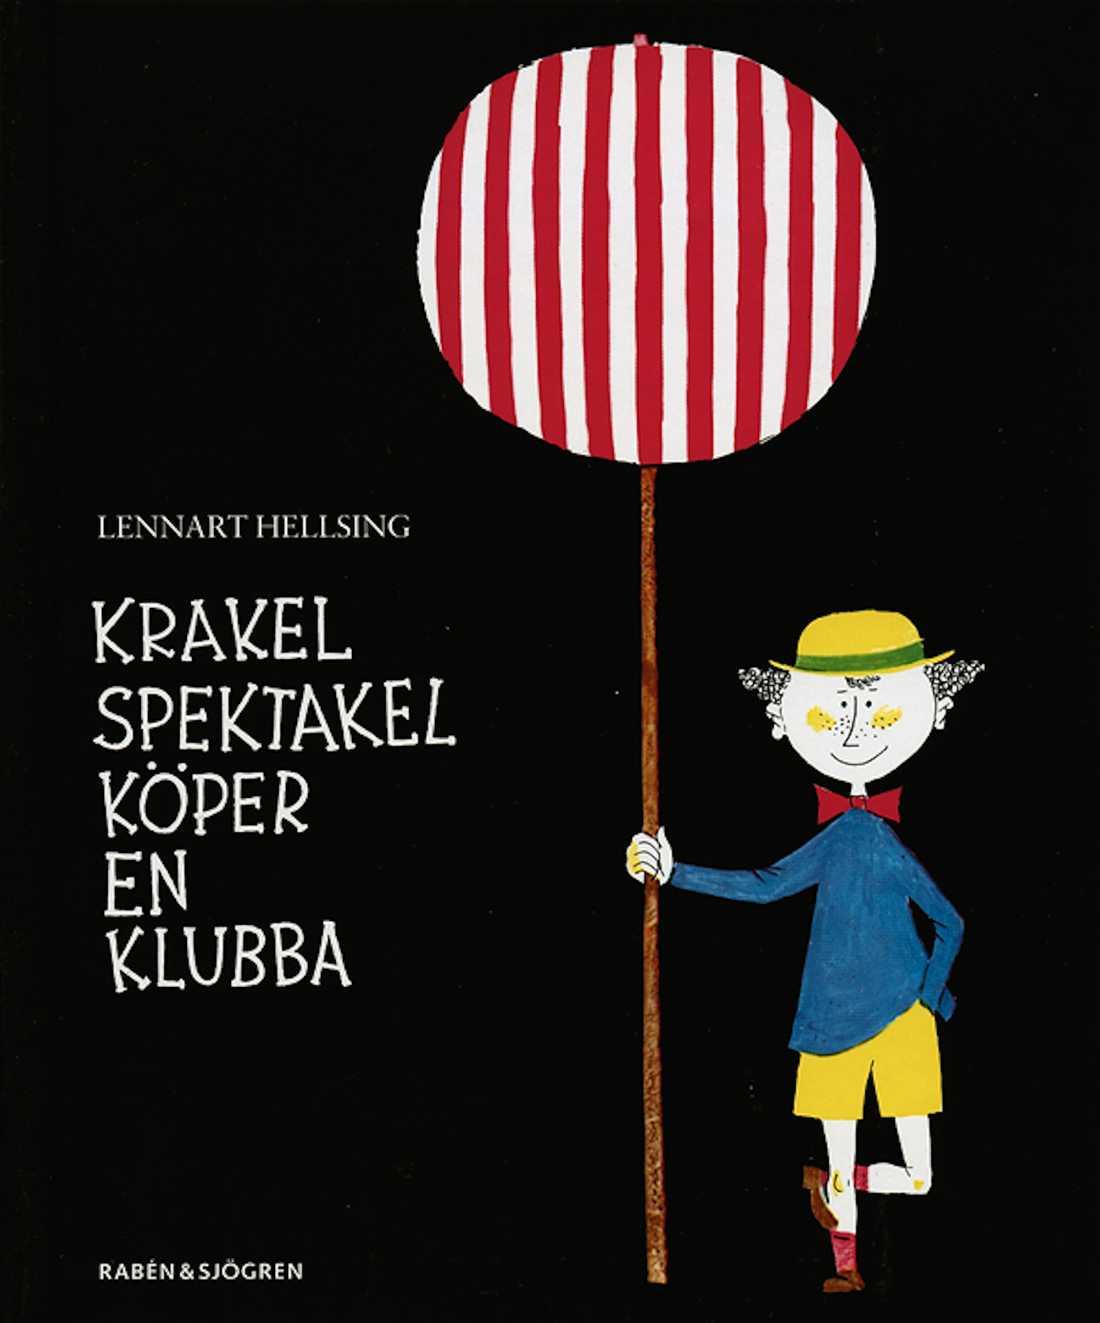 """En av de mest lästa böckerna av Lennart Hellsing """"Krakel spektakel köper en klubba"""". Foto: Raben & Sjögren"""